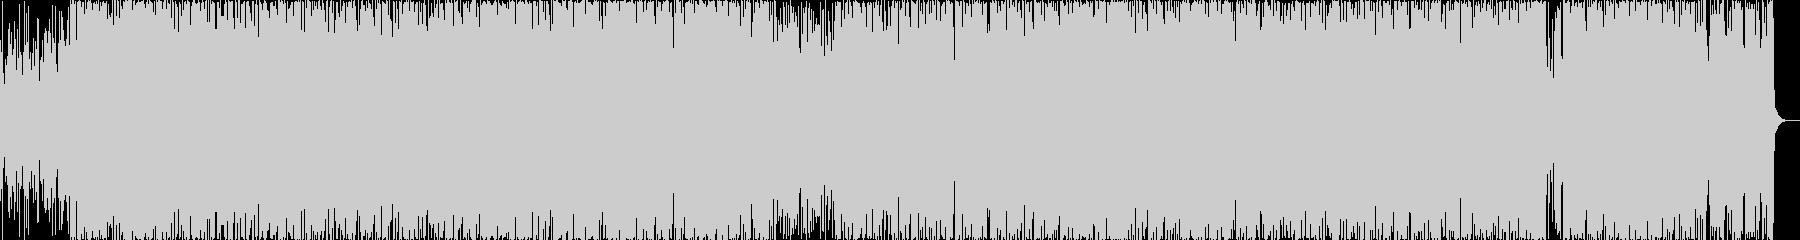 エキゾチックなラテン調の曲の未再生の波形